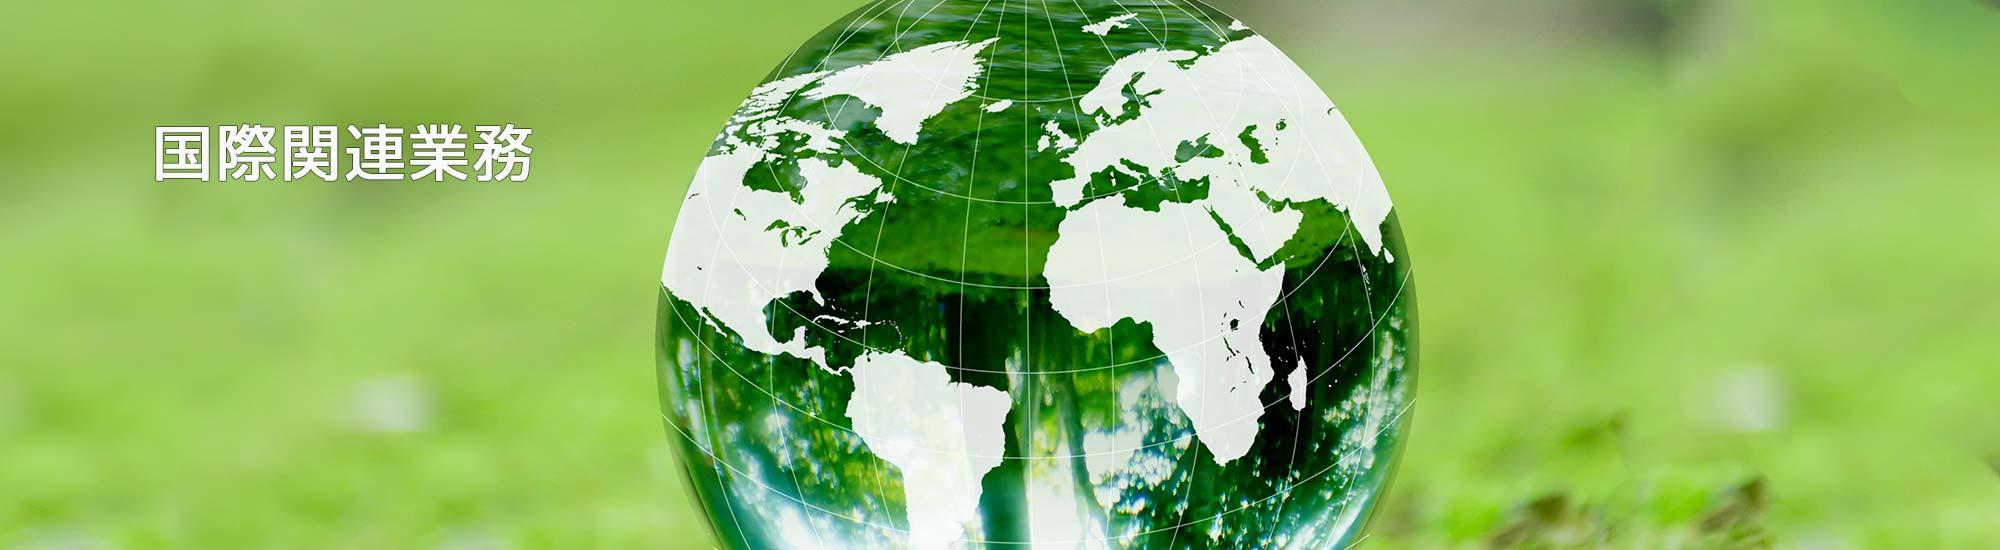 株式会社エイジェックの国際関連業務